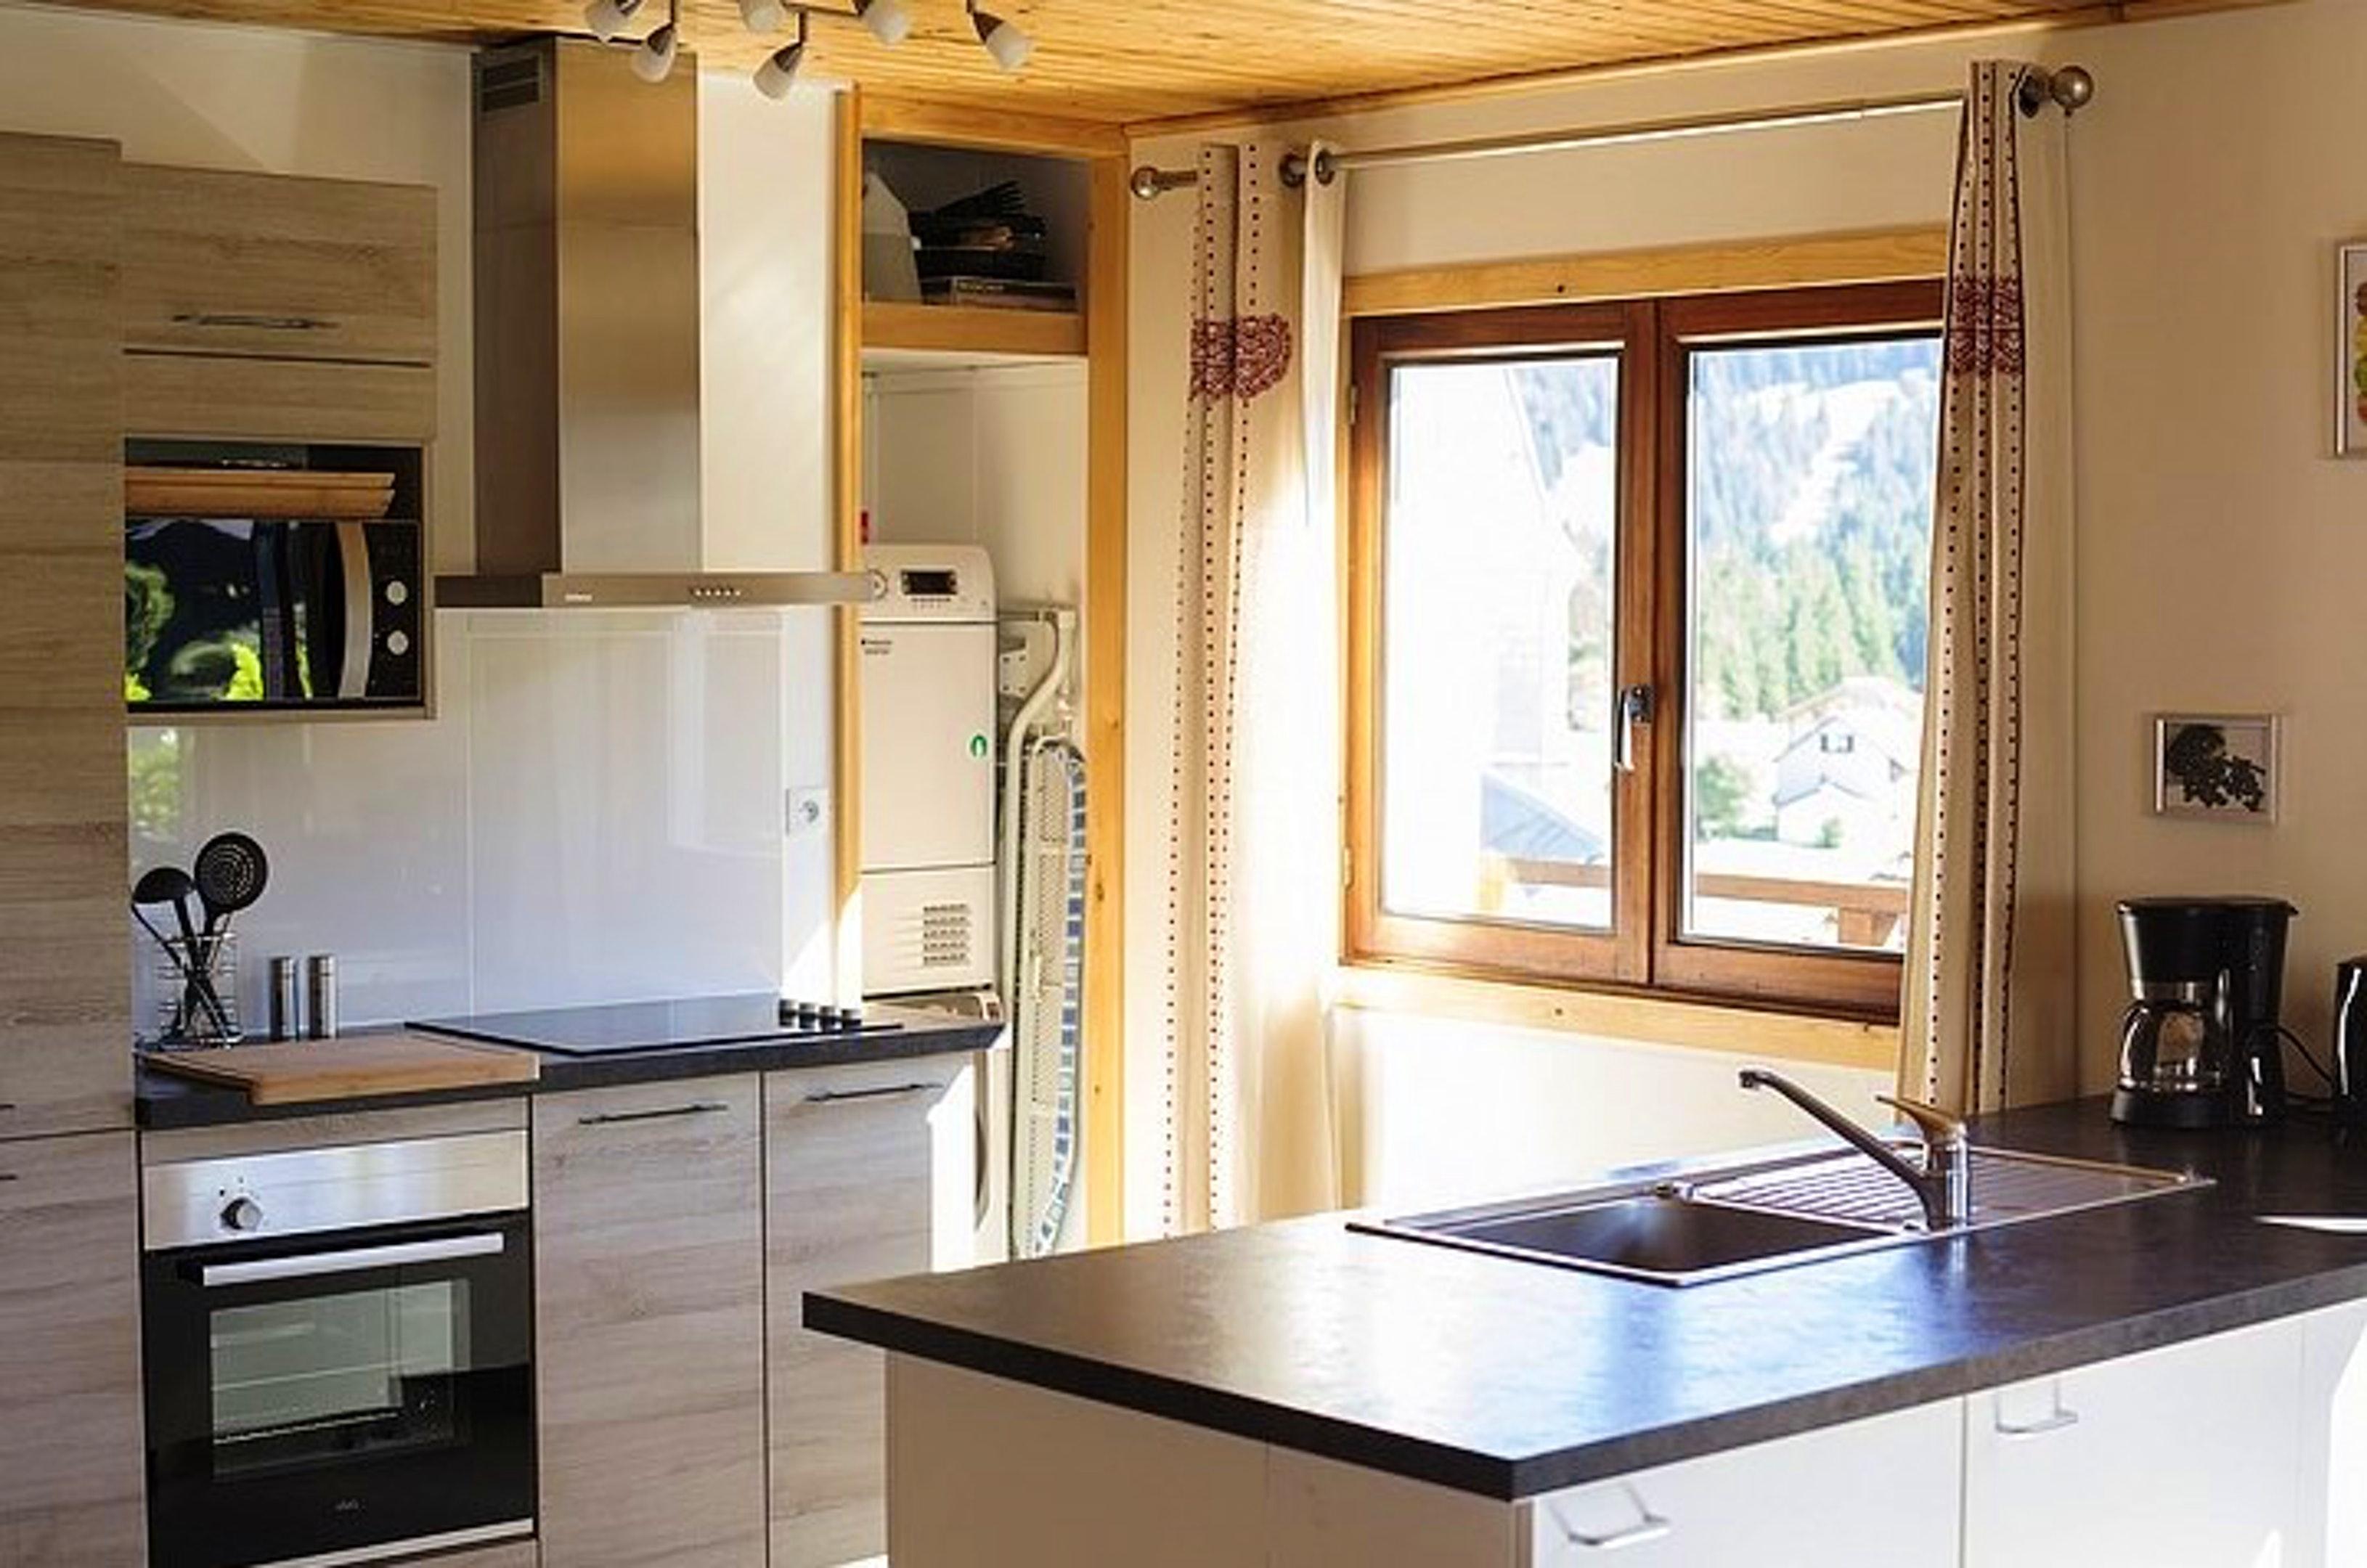 Maison de vacances Hütte mit 7 Schlafzimmern in Les Moussières mit toller Aussicht auf die Berge, möblierter  (2677371), Les Moussières, Jura, Franche-Comté, France, image 4